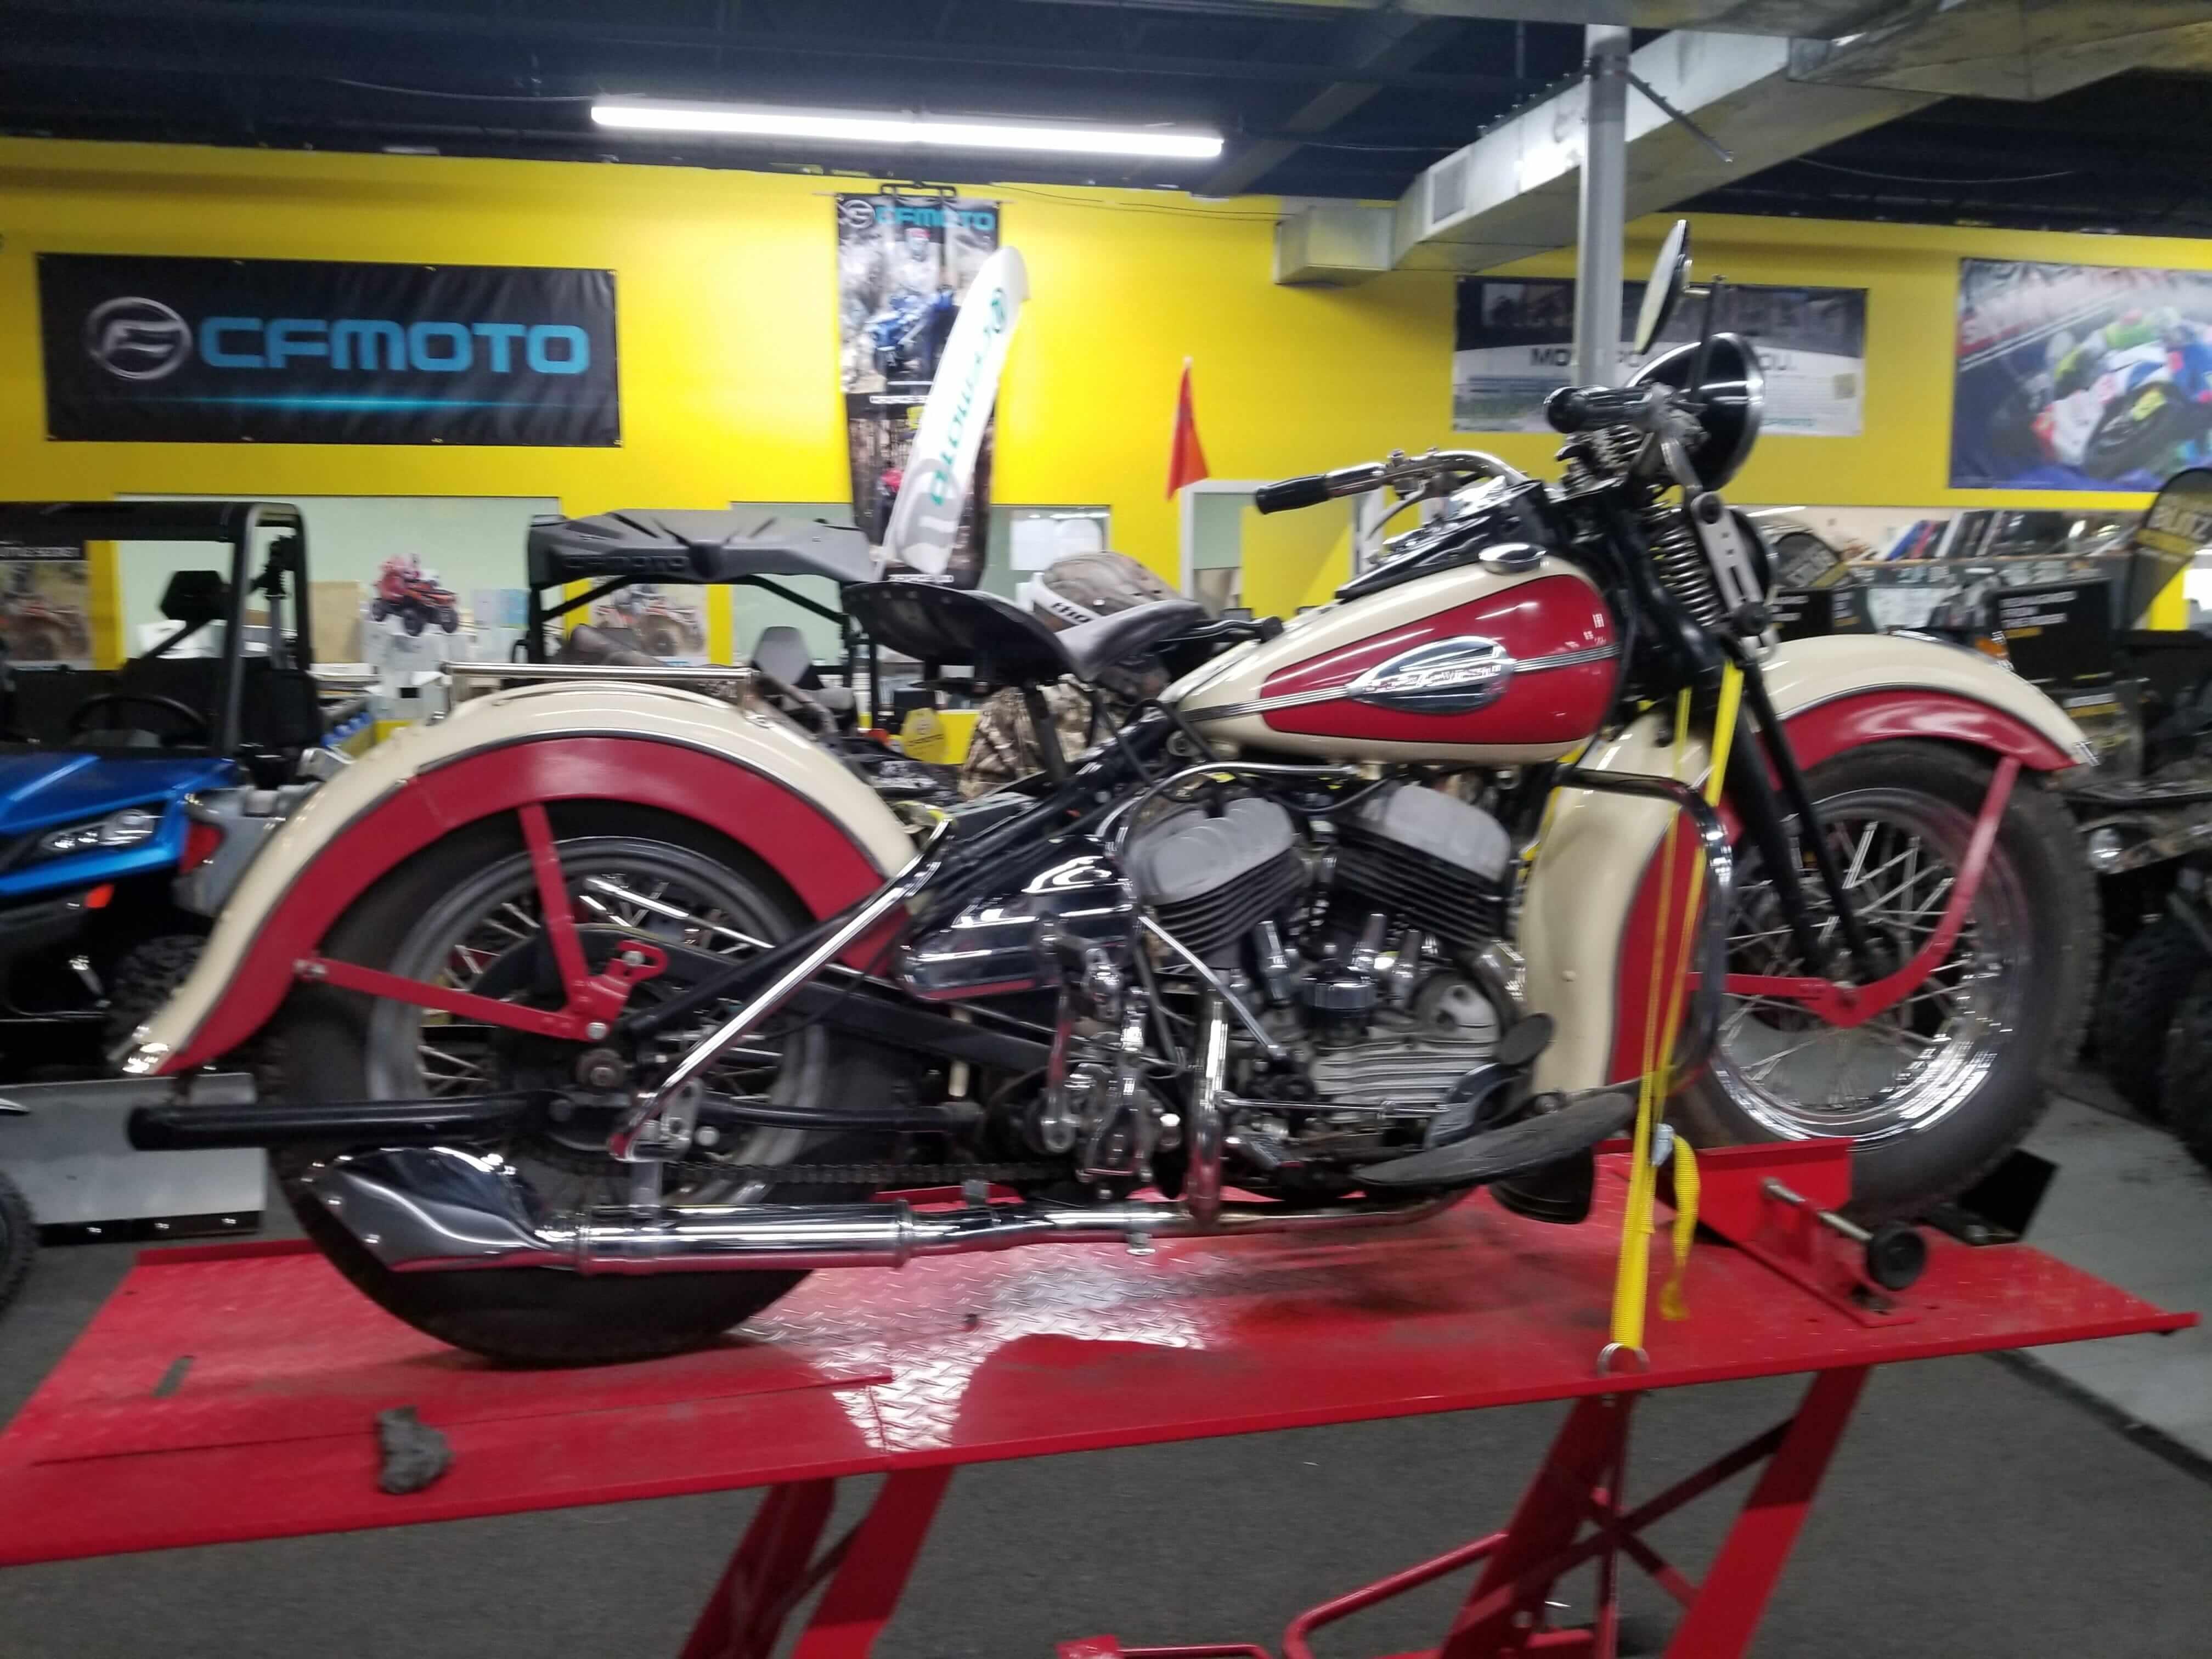 Vintage 1942 Harley Davidson WLC for Sale on Chopperexchange